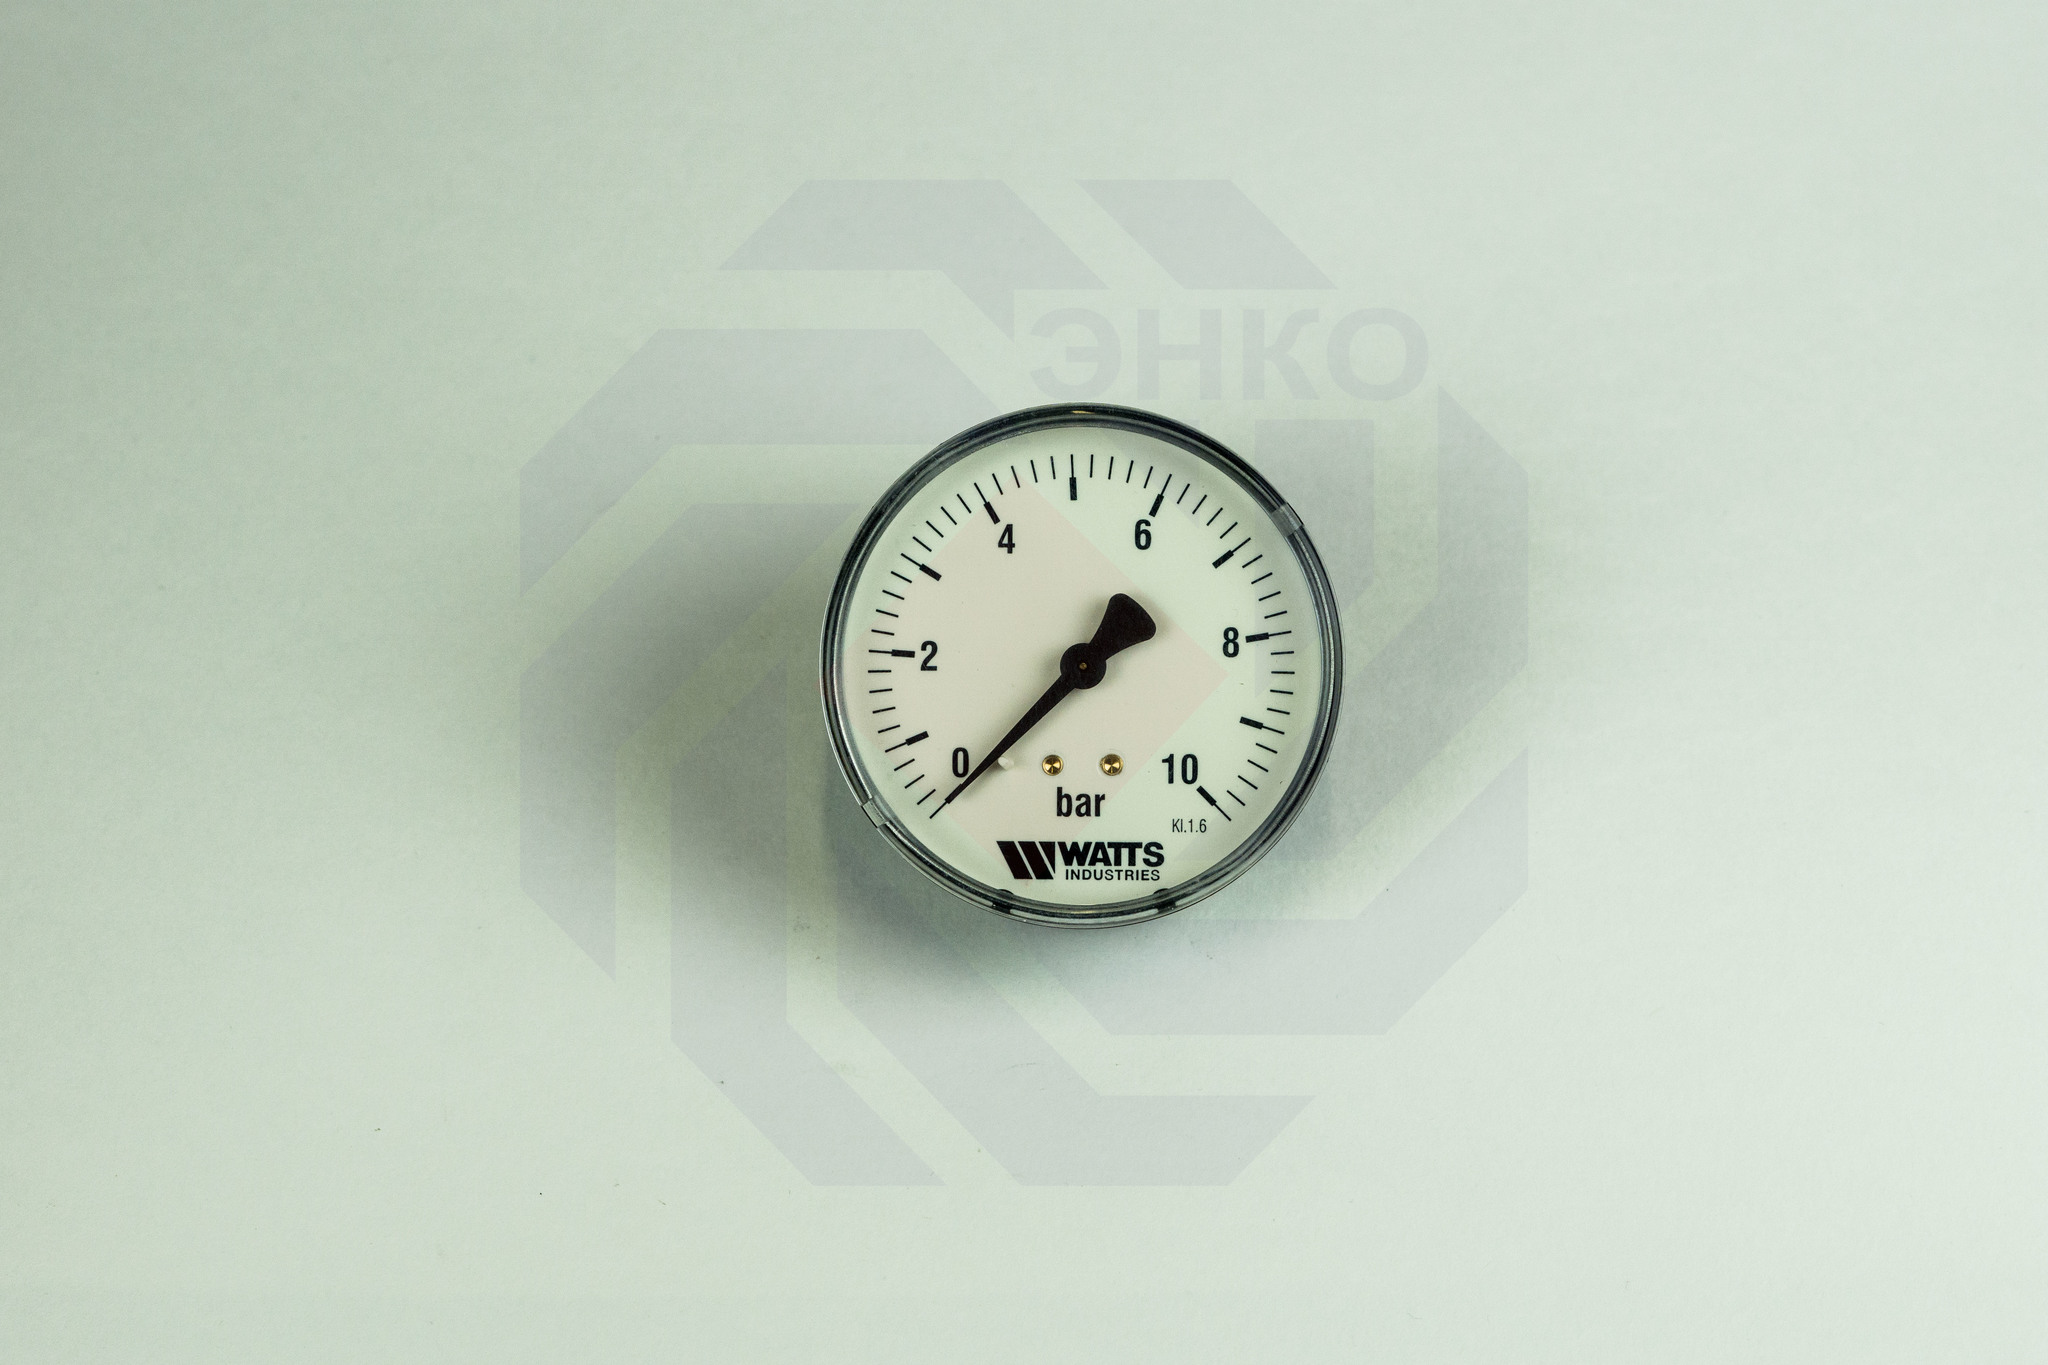 Манометр аксиальный WATTS MDA 80/10 (F+R150) 0-10 бар 80 мм ¼